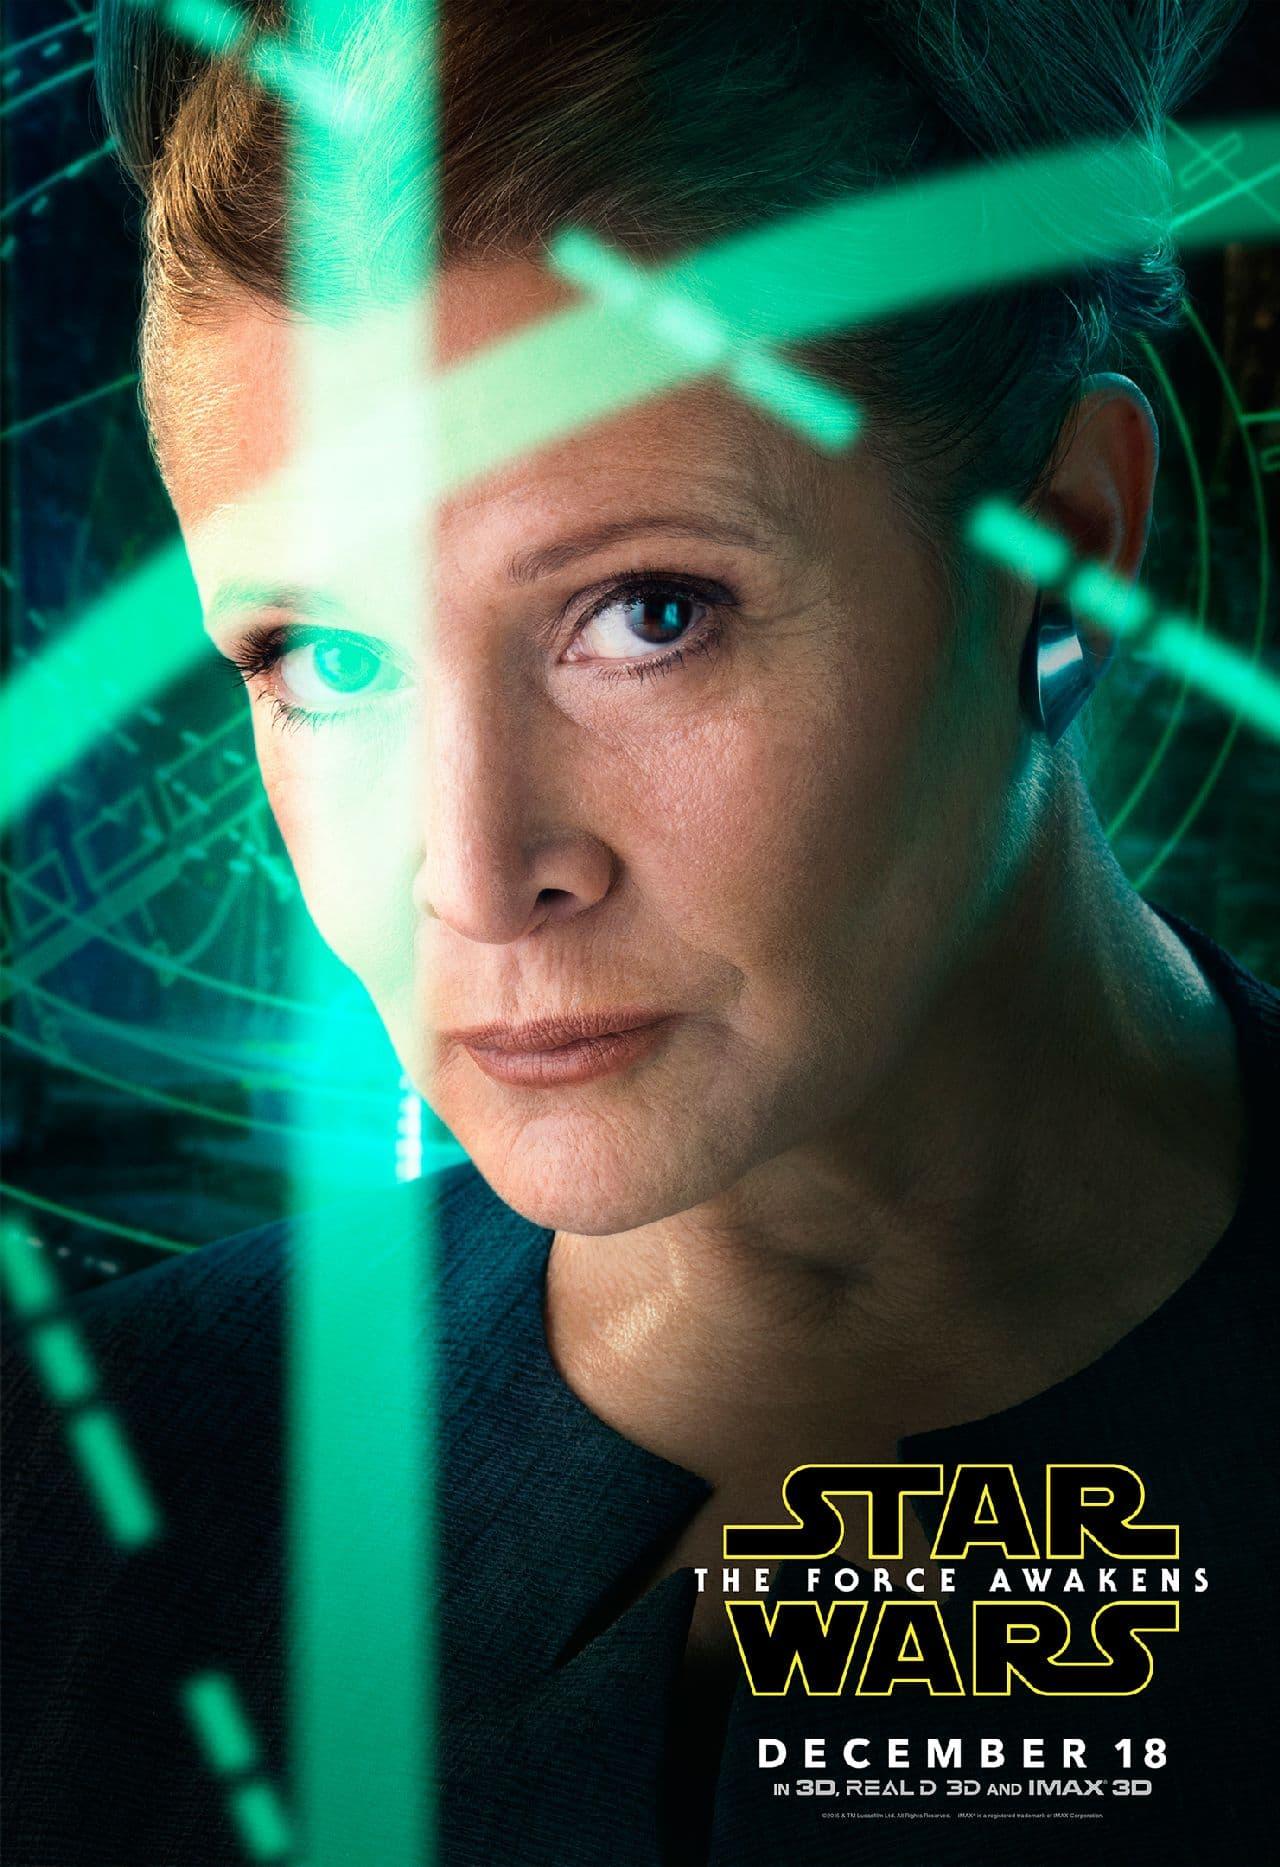 'स्टार वार्स: द फ़ोर्स अवेकन्स' का नया कैरैक्टर पोस्टर आया बाहर